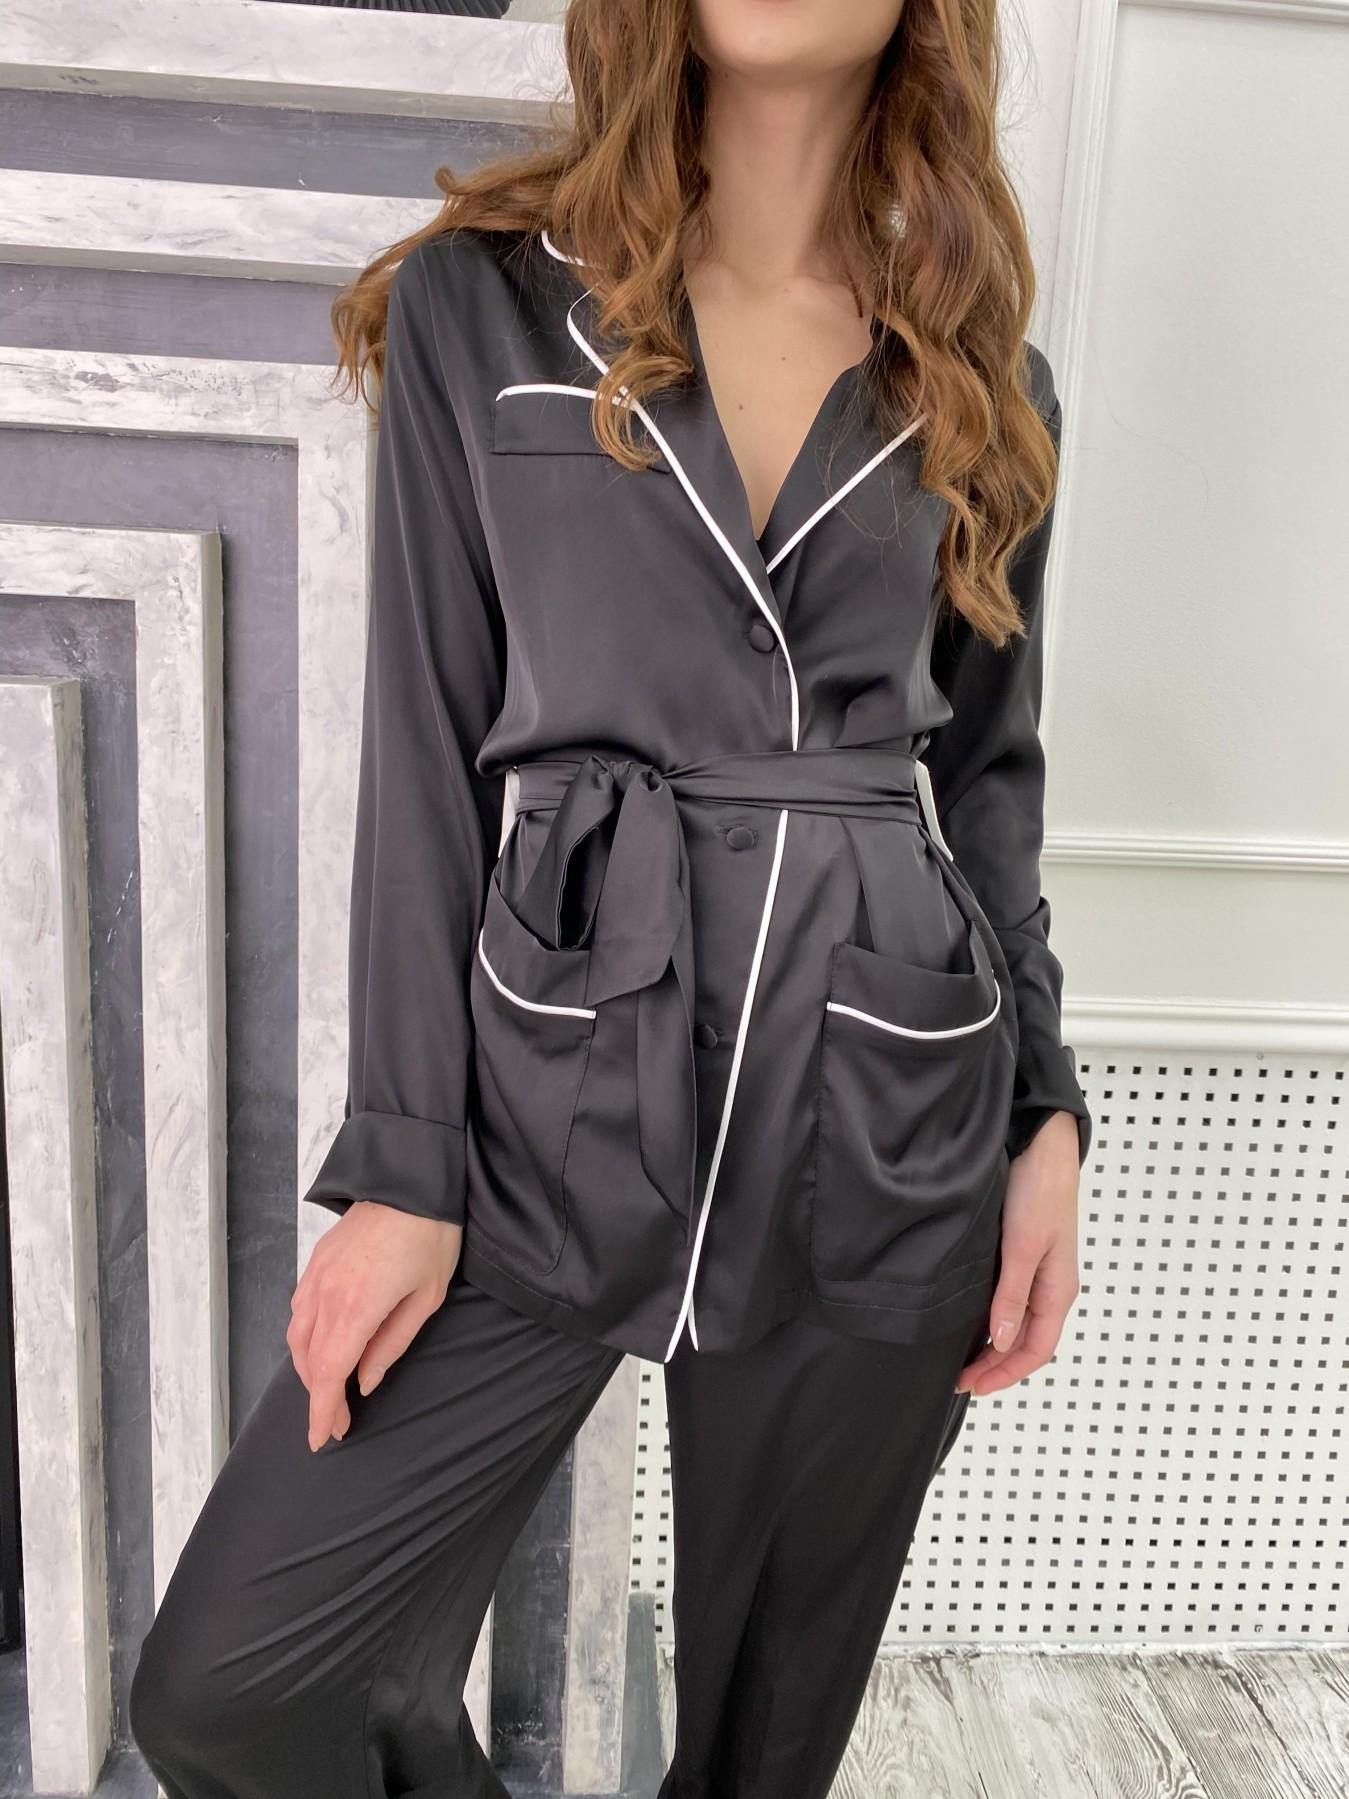 Шайн костюм из шелка  10778 АРТ. 47216 Цвет: Черный - фото 3, интернет магазин tm-modus.ru